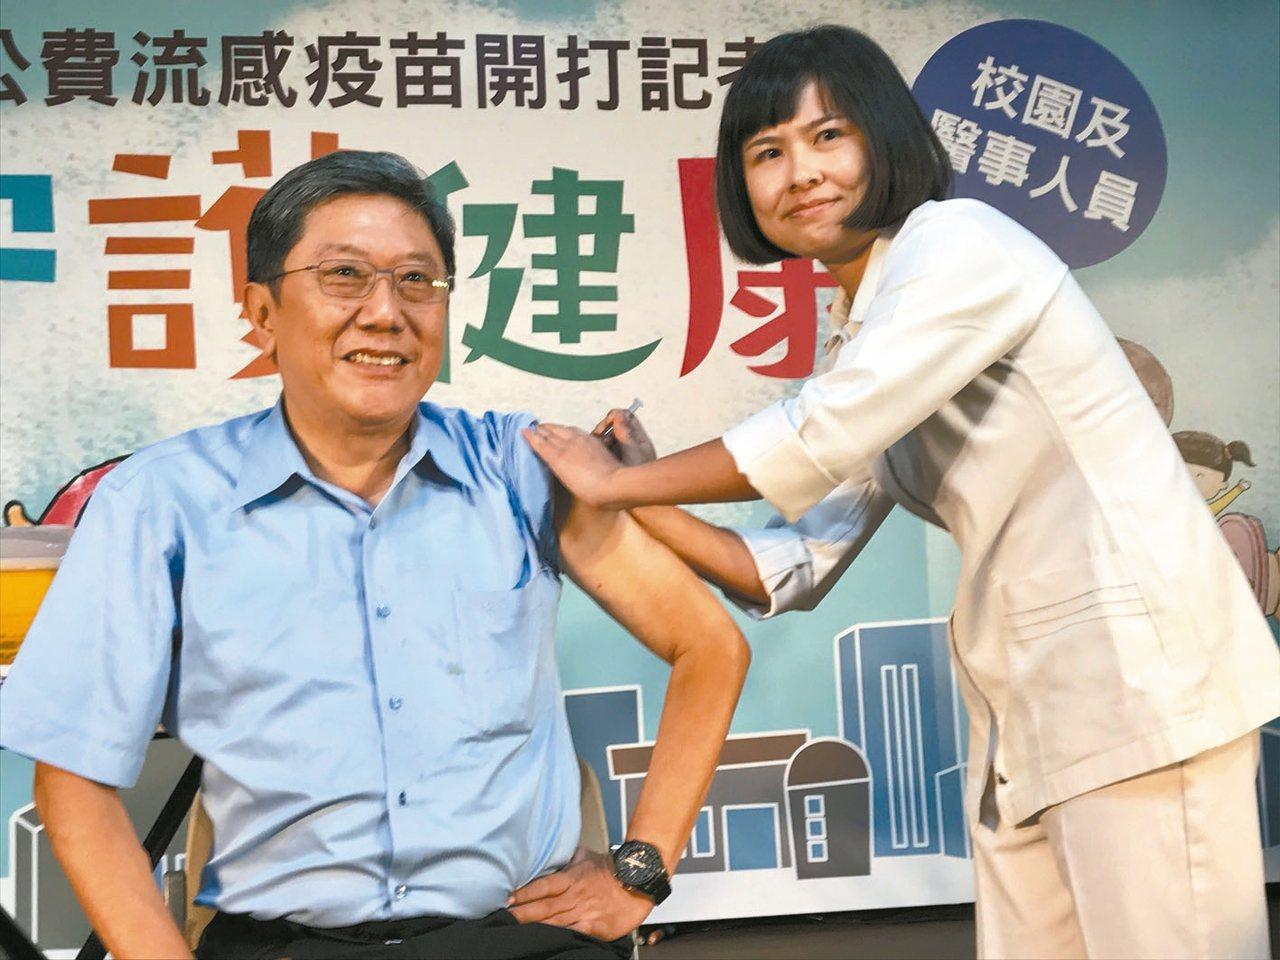 公費流感疫苗今天開打,第一階段施打對象為學生及醫護人員,台大醫院李秉穎醫師上午接...